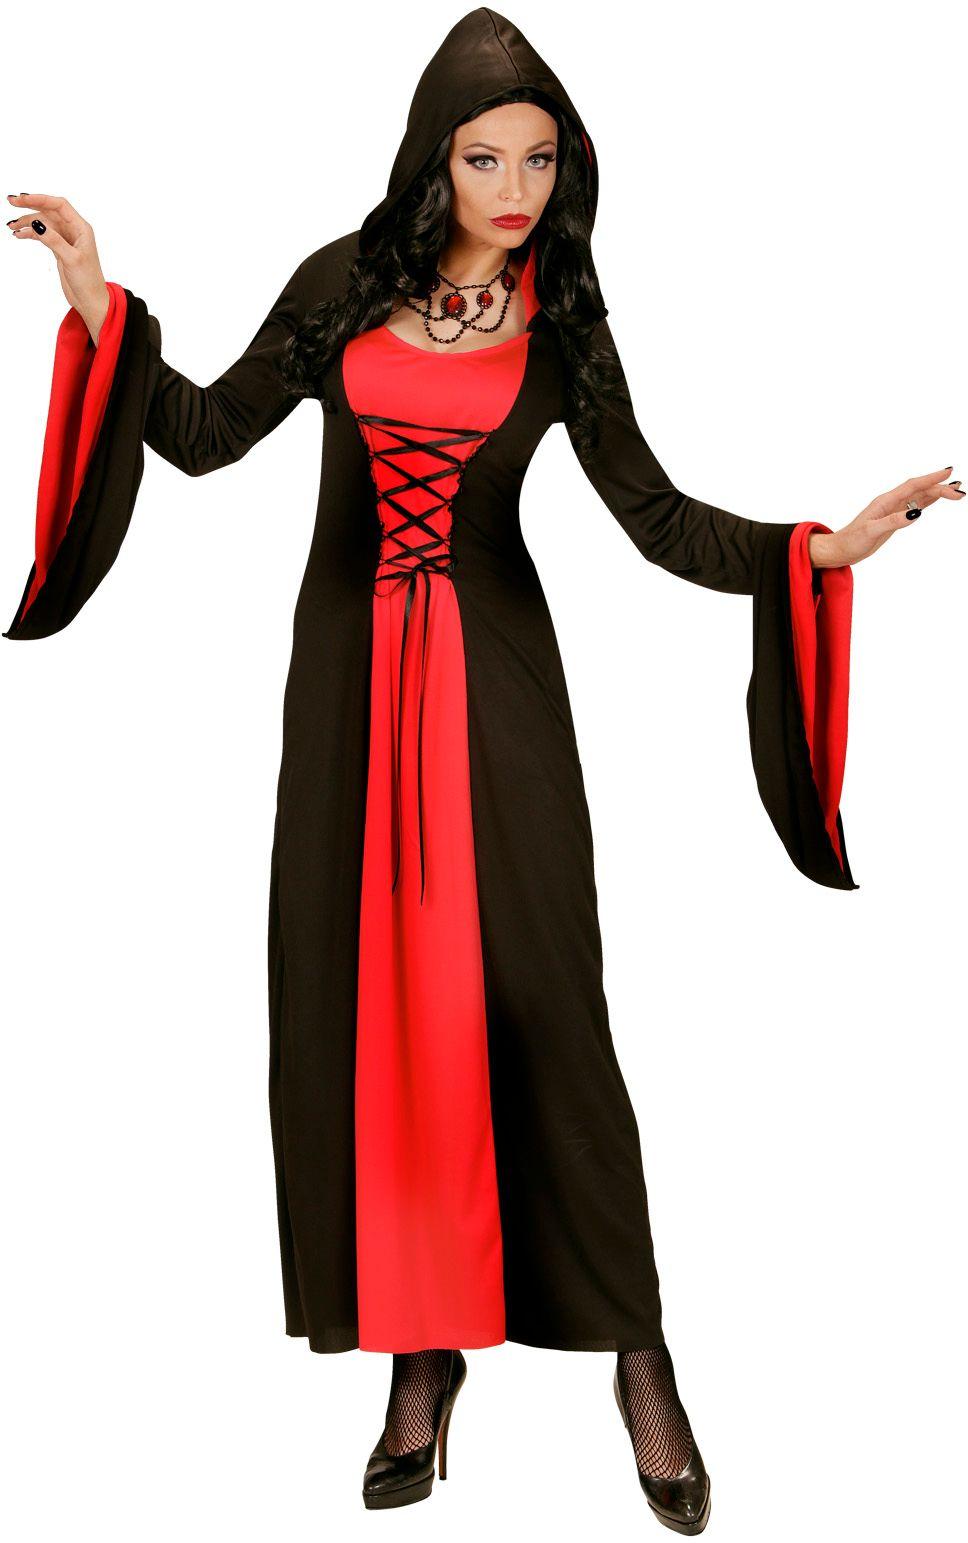 Gothic kleding vrouw